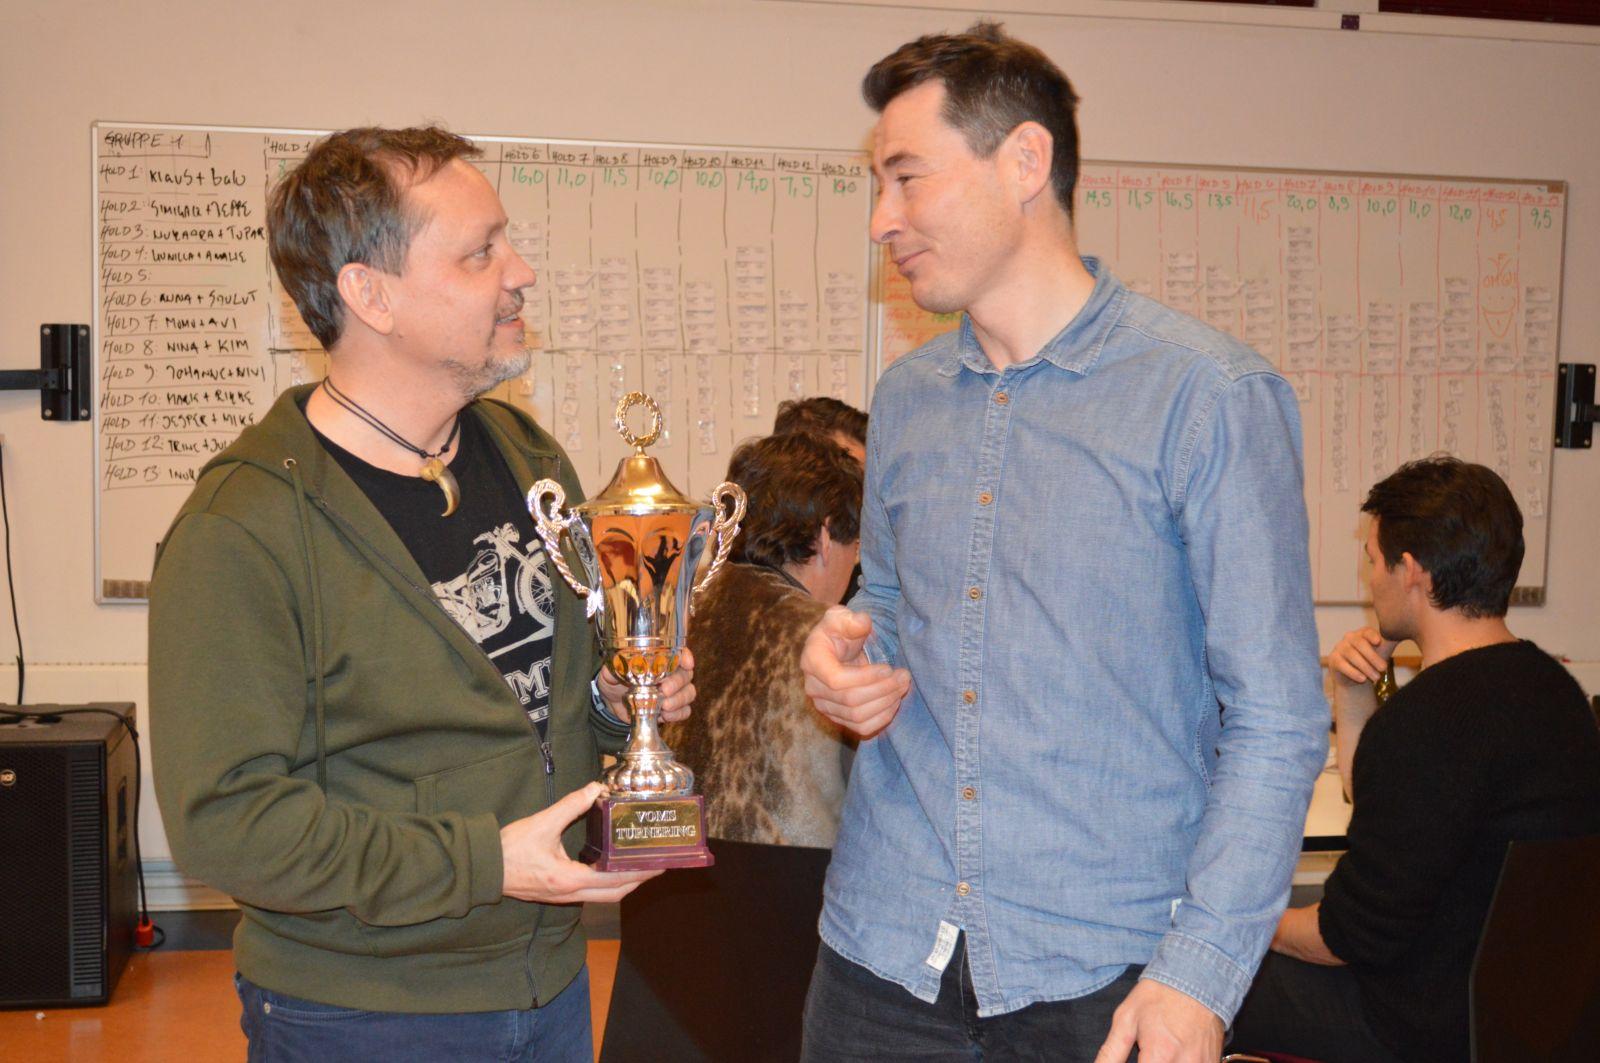 2017-11-04-0218_-_Jesper Labansen; Miki Kristiansen_2